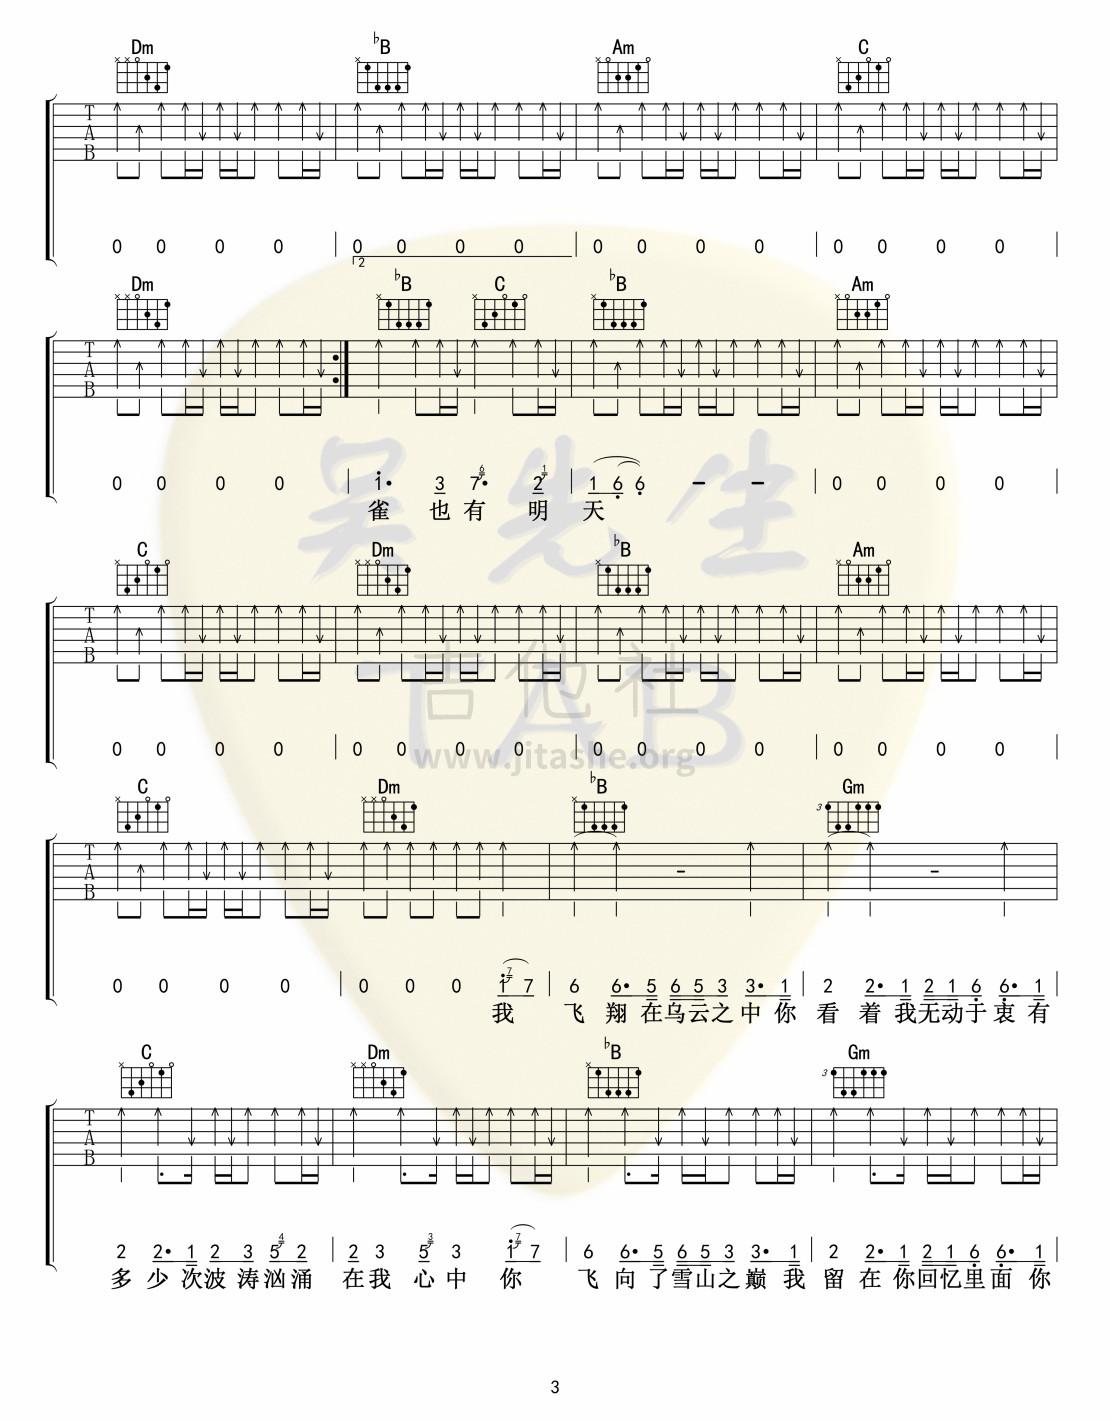 麻雀吉他谱(图片谱,弹唱)_李荣浩_麻雀03.jpg